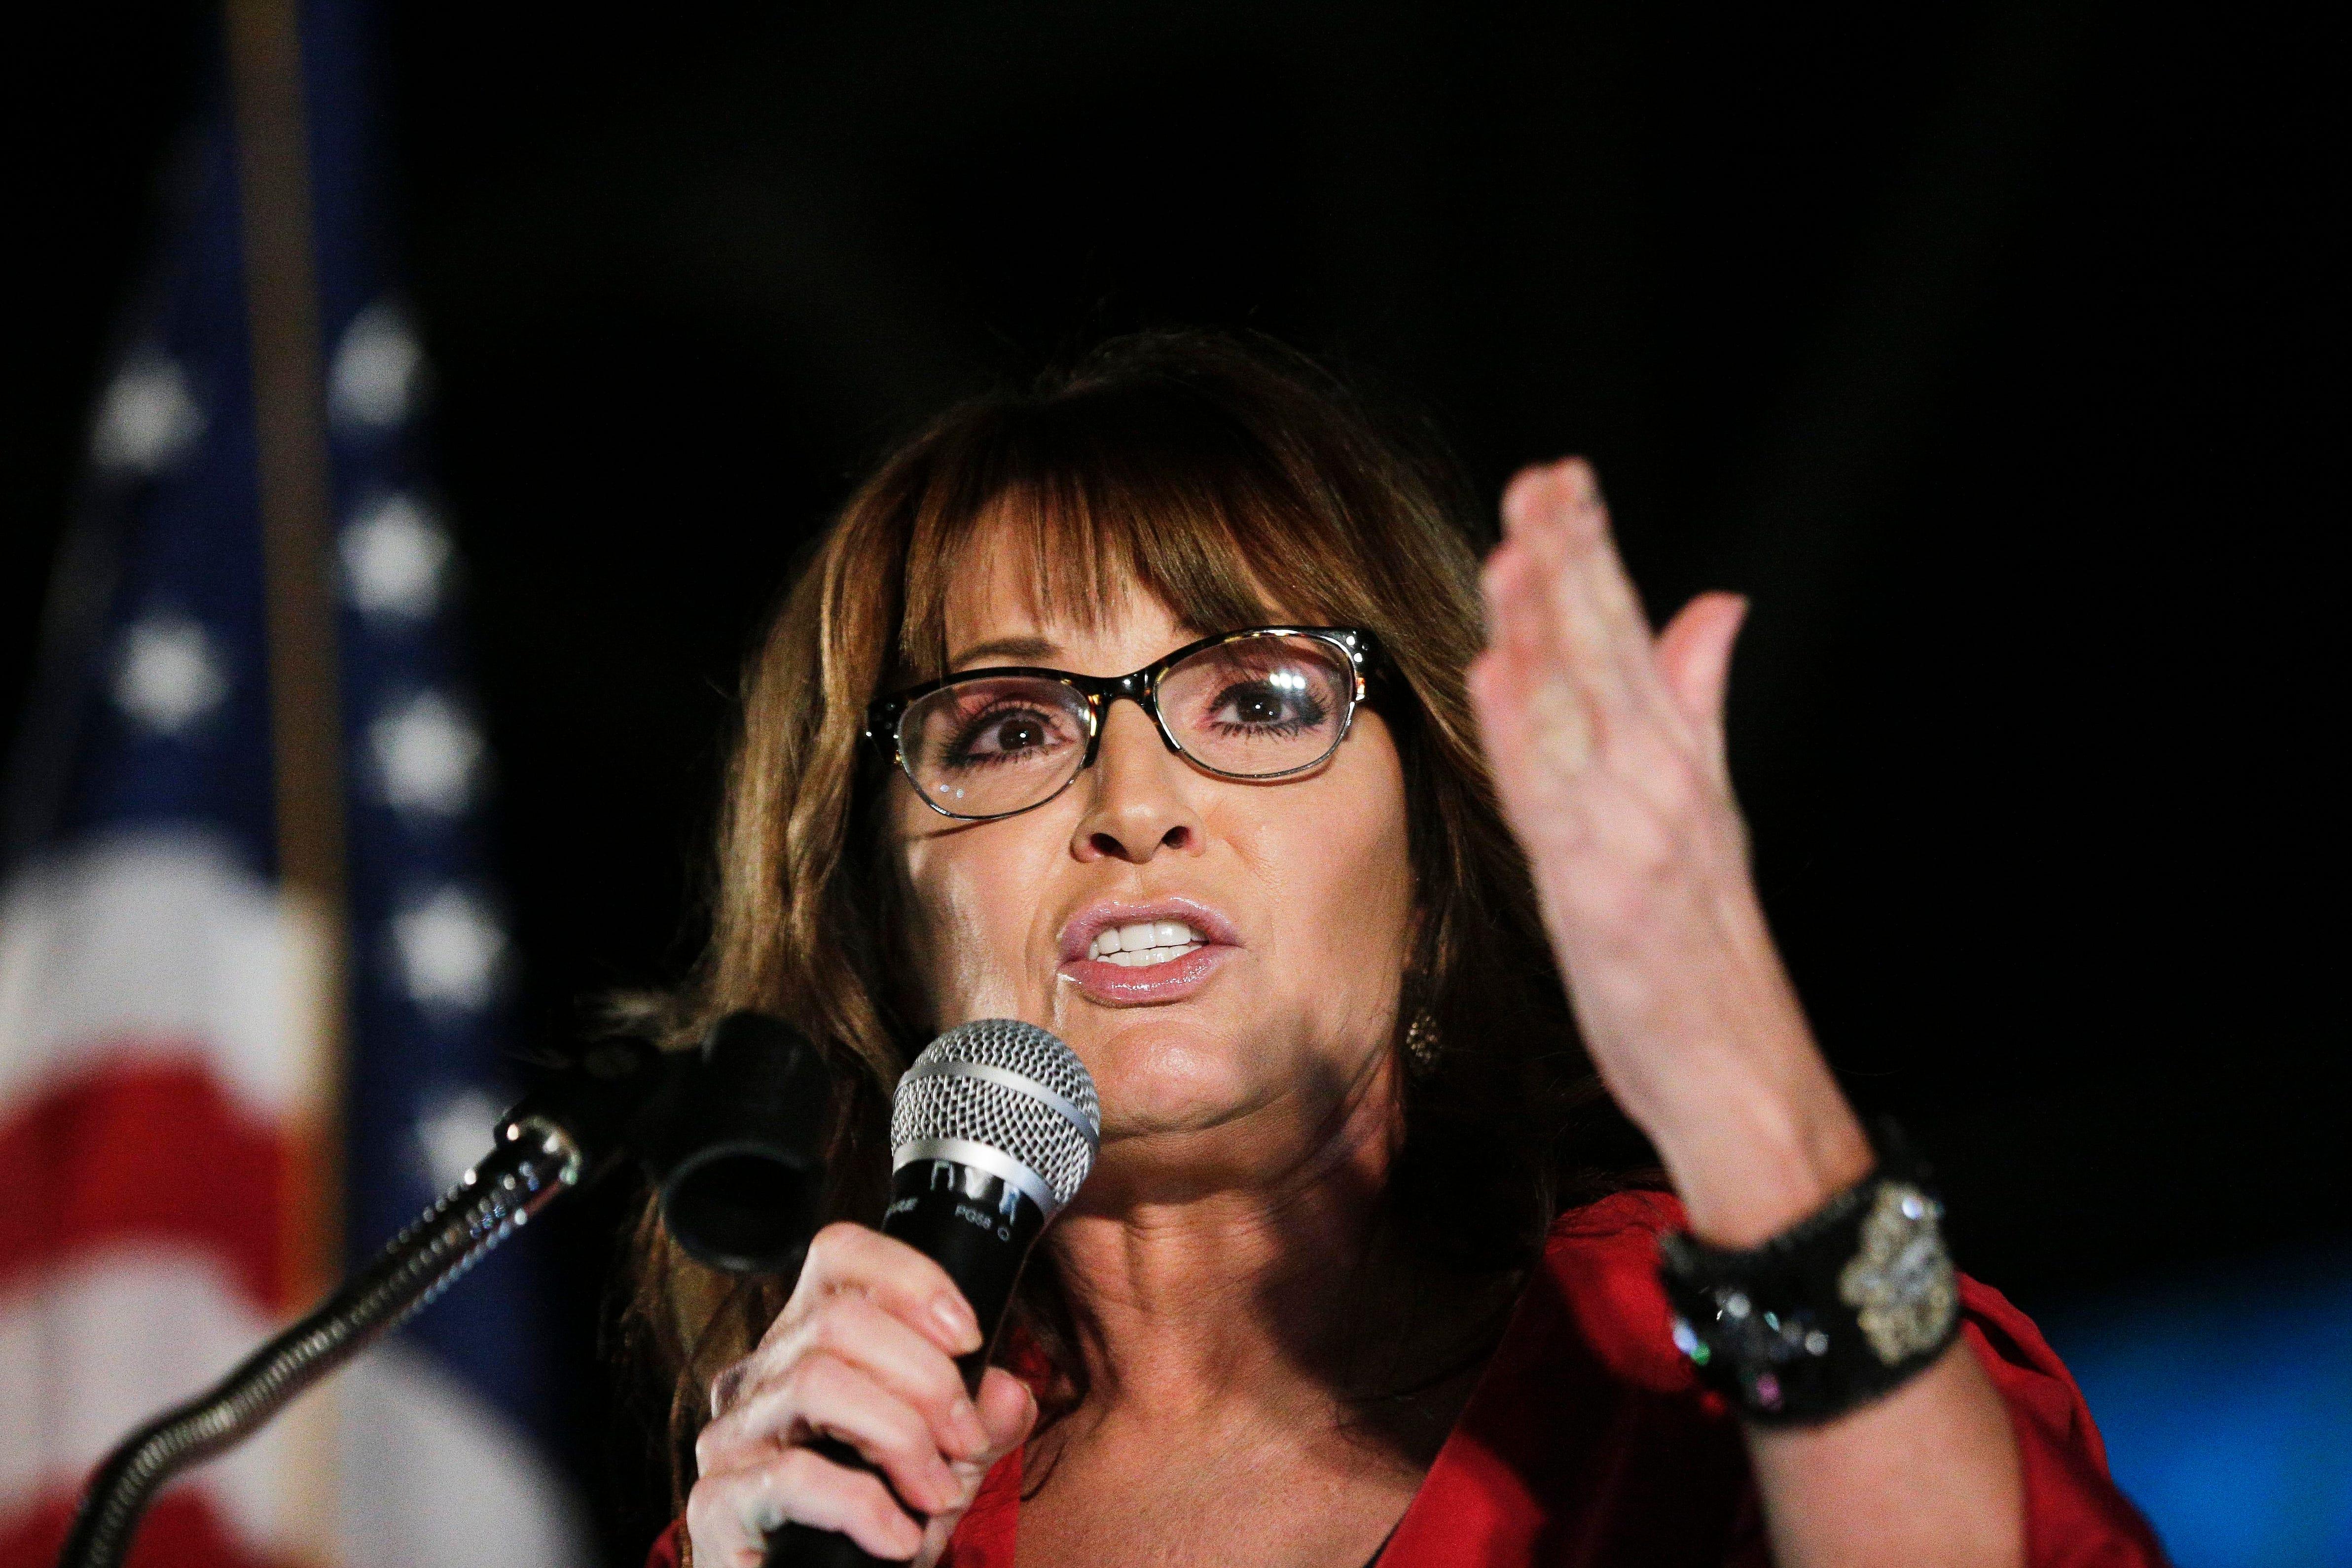 Sarah Palin confirms COVID-19 diagnosis, urges steps like masks 2